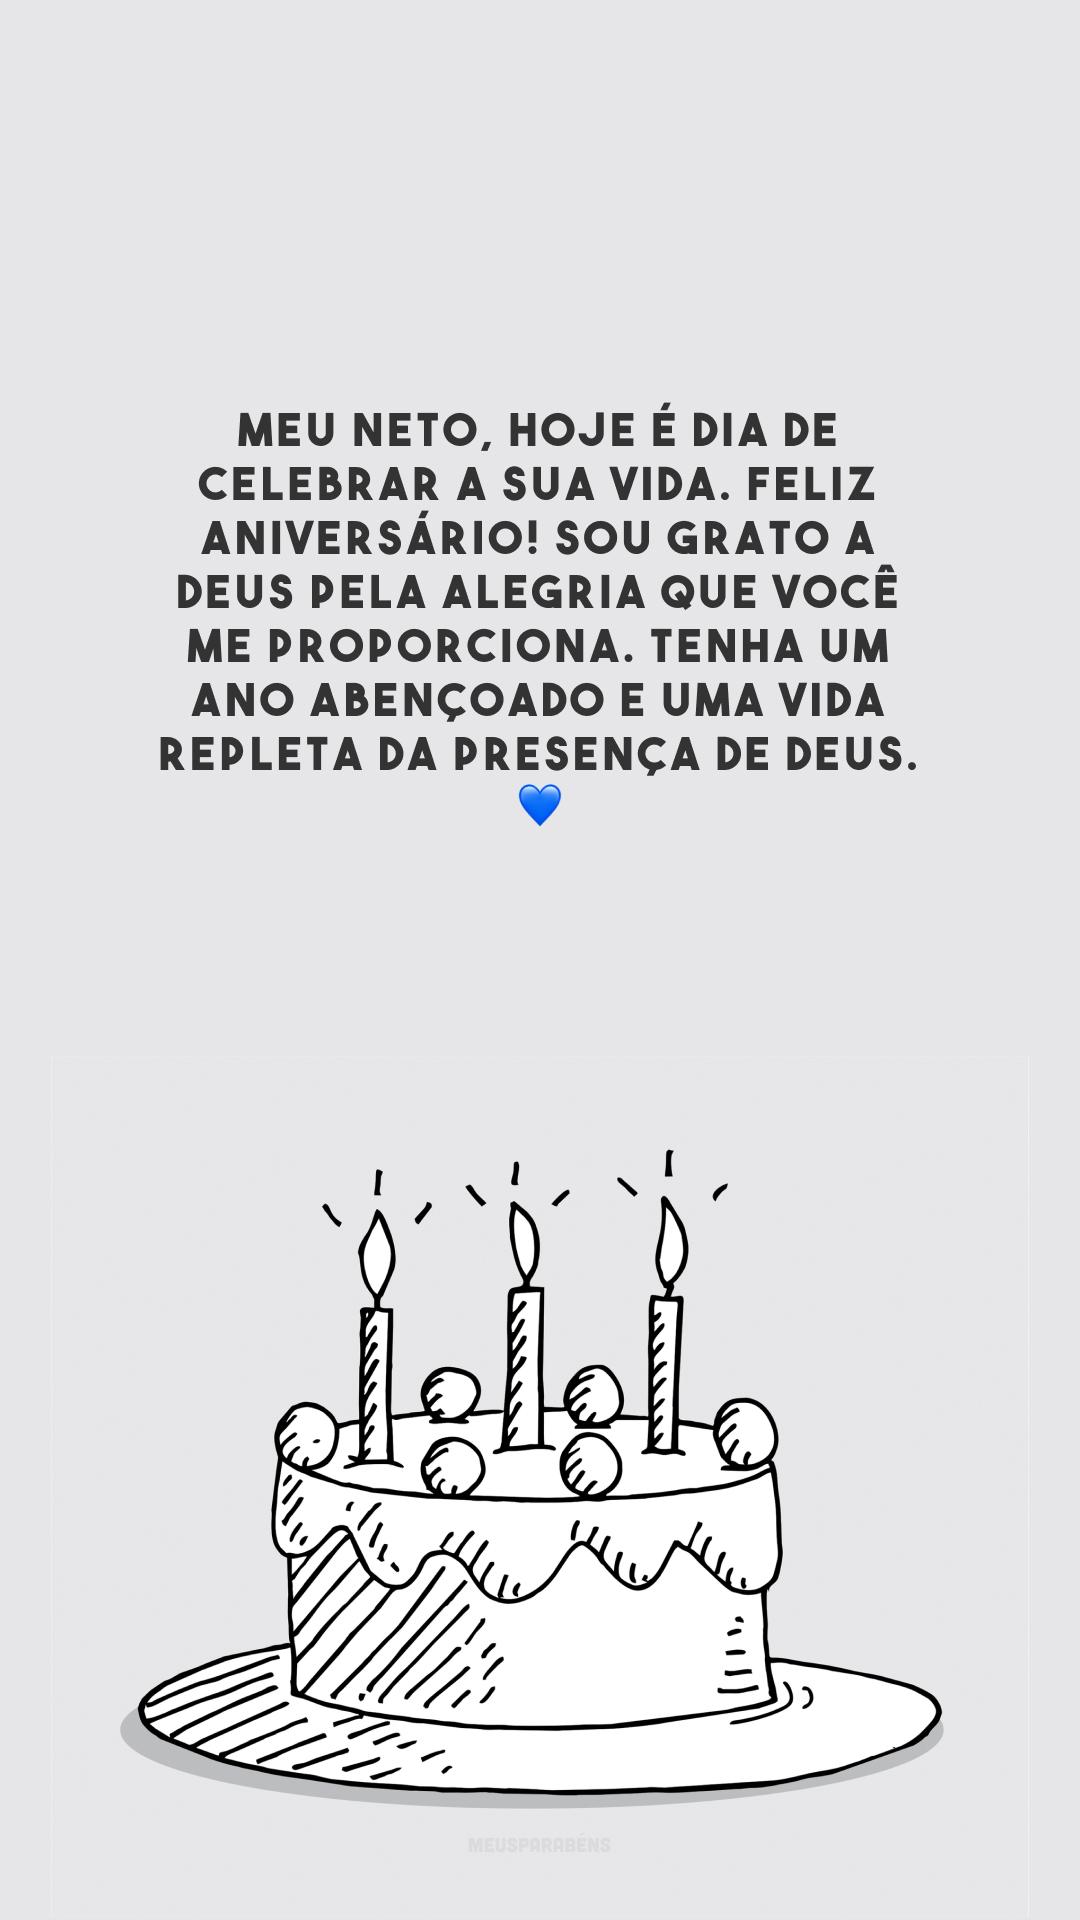 Meu neto, hoje é dia de celebrar a sua vida. Feliz aniversário! Sou grato a Deus pela alegria que você me proporciona. Tenha um ano abençoado e uma vida repleta da presença de Deus. 💙